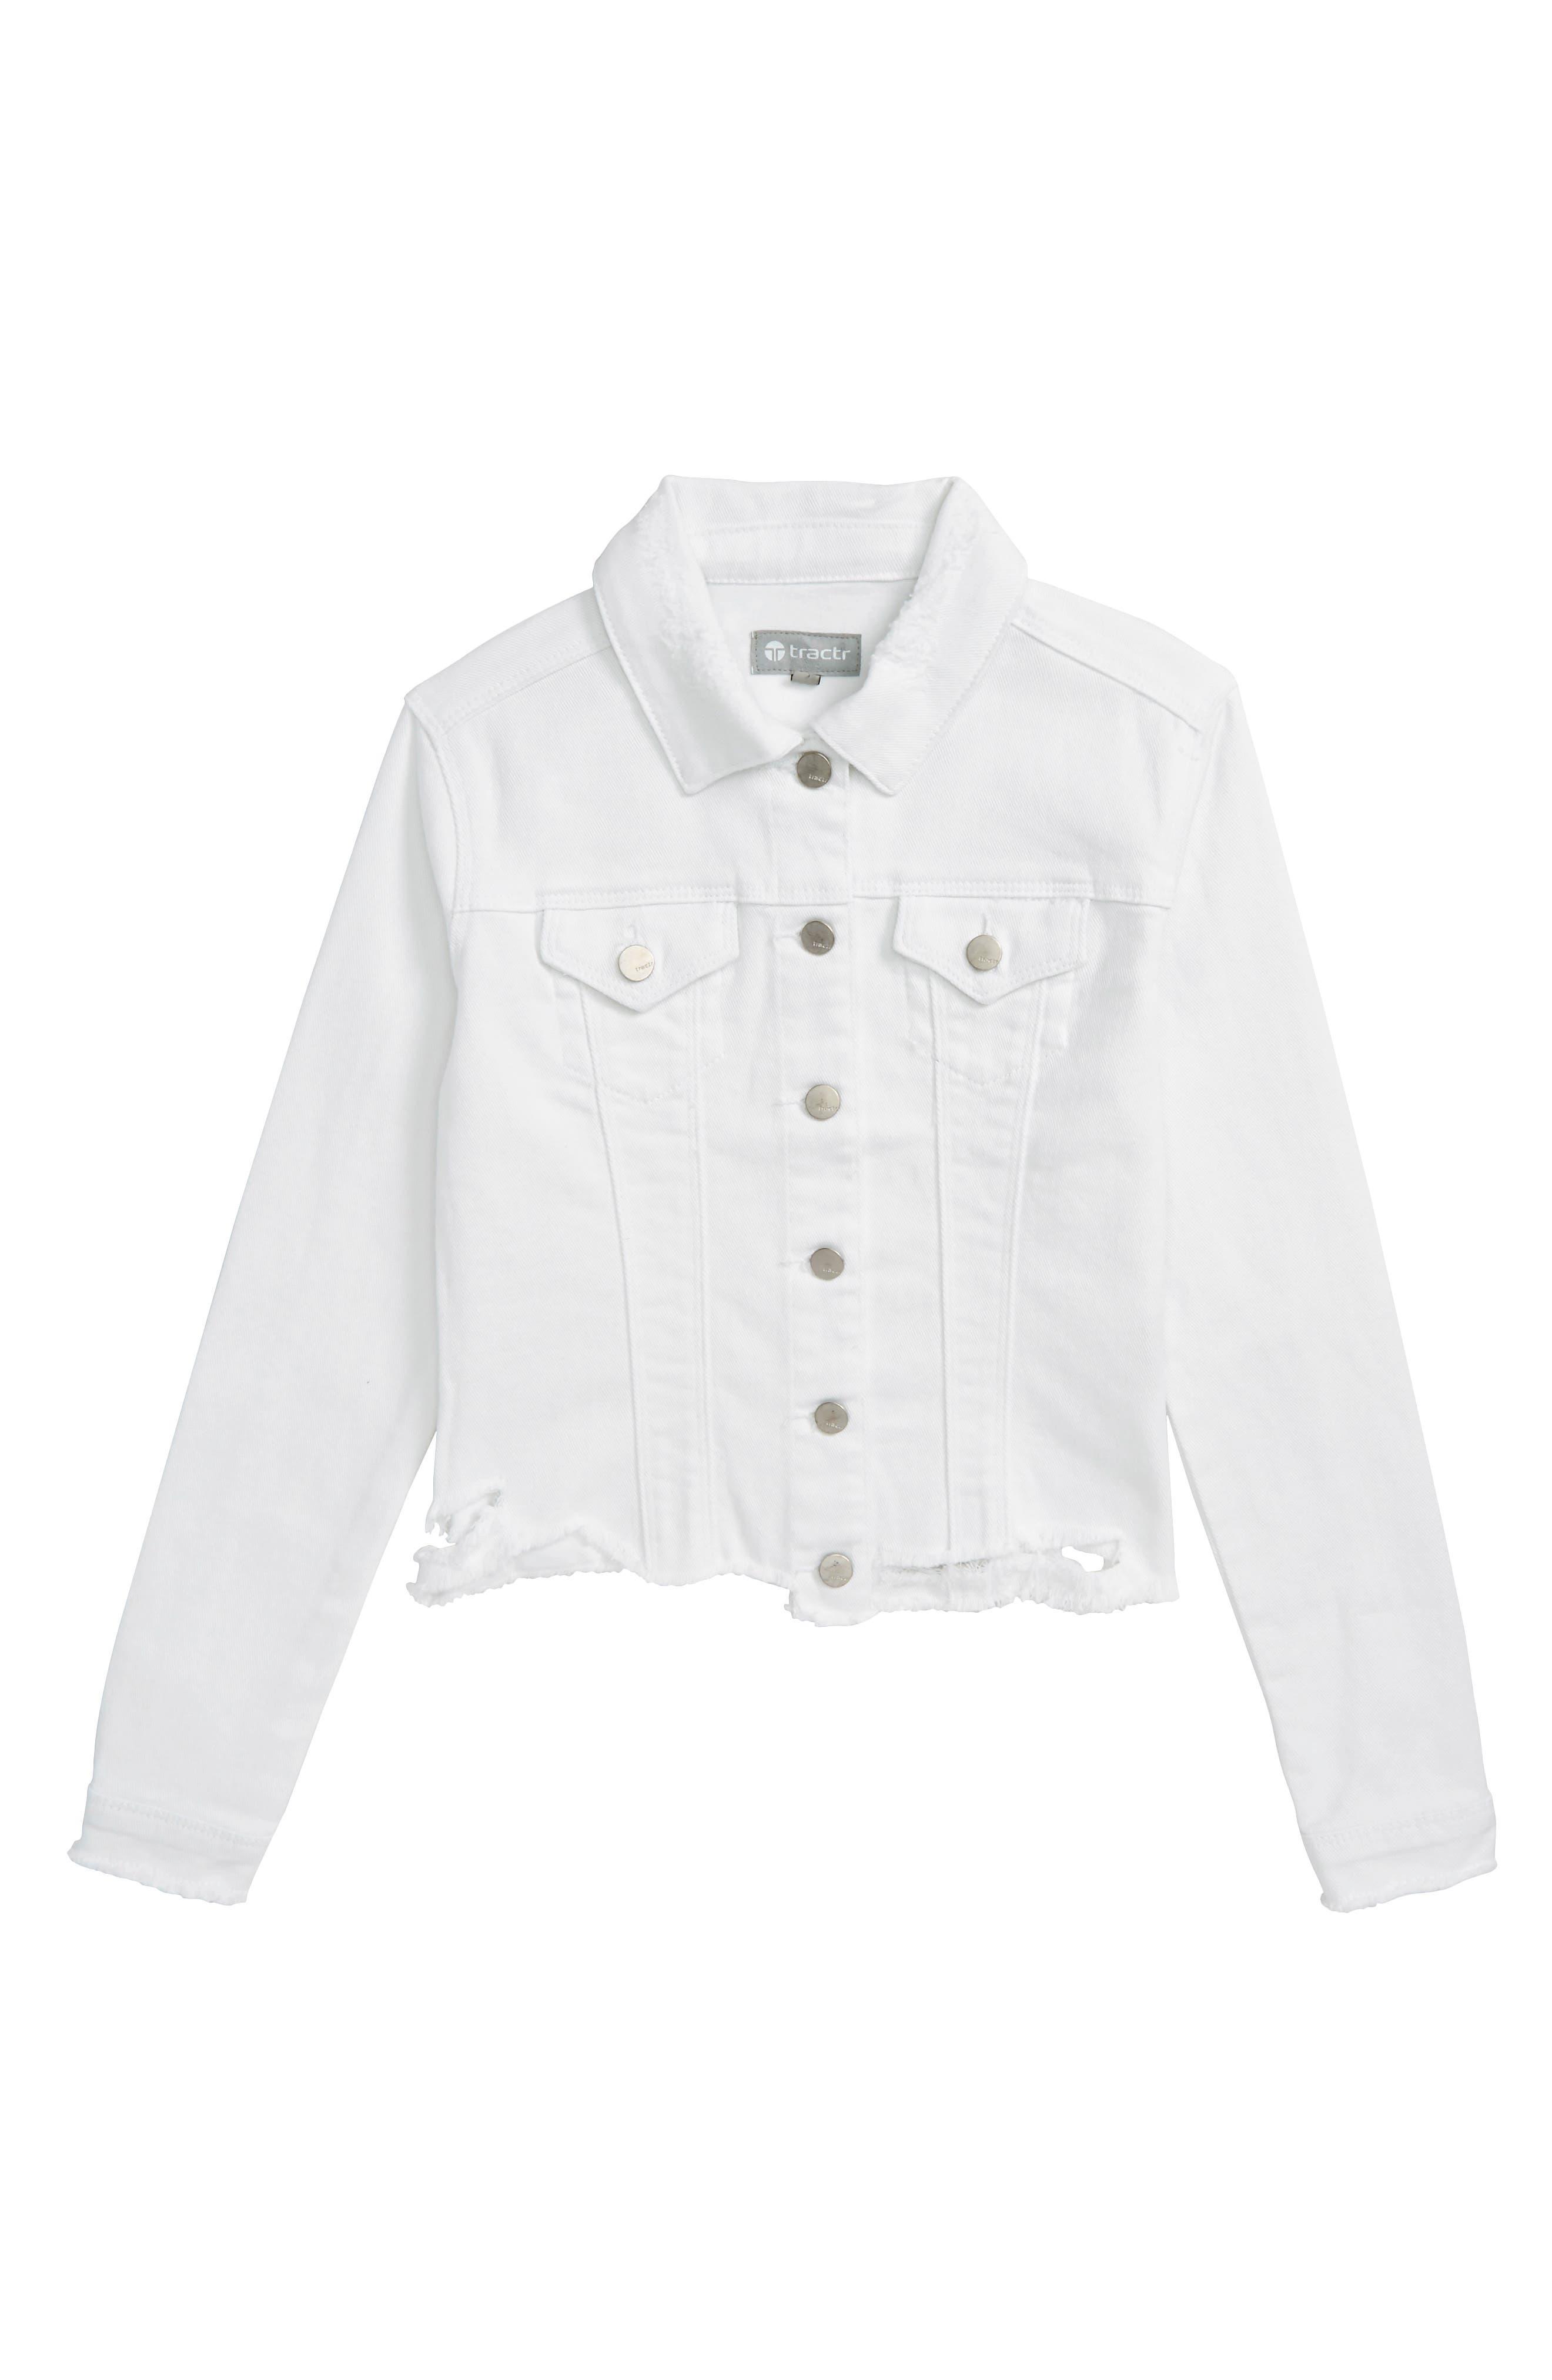 Tractr Deconstructed Denim Jacket (Big Girls)